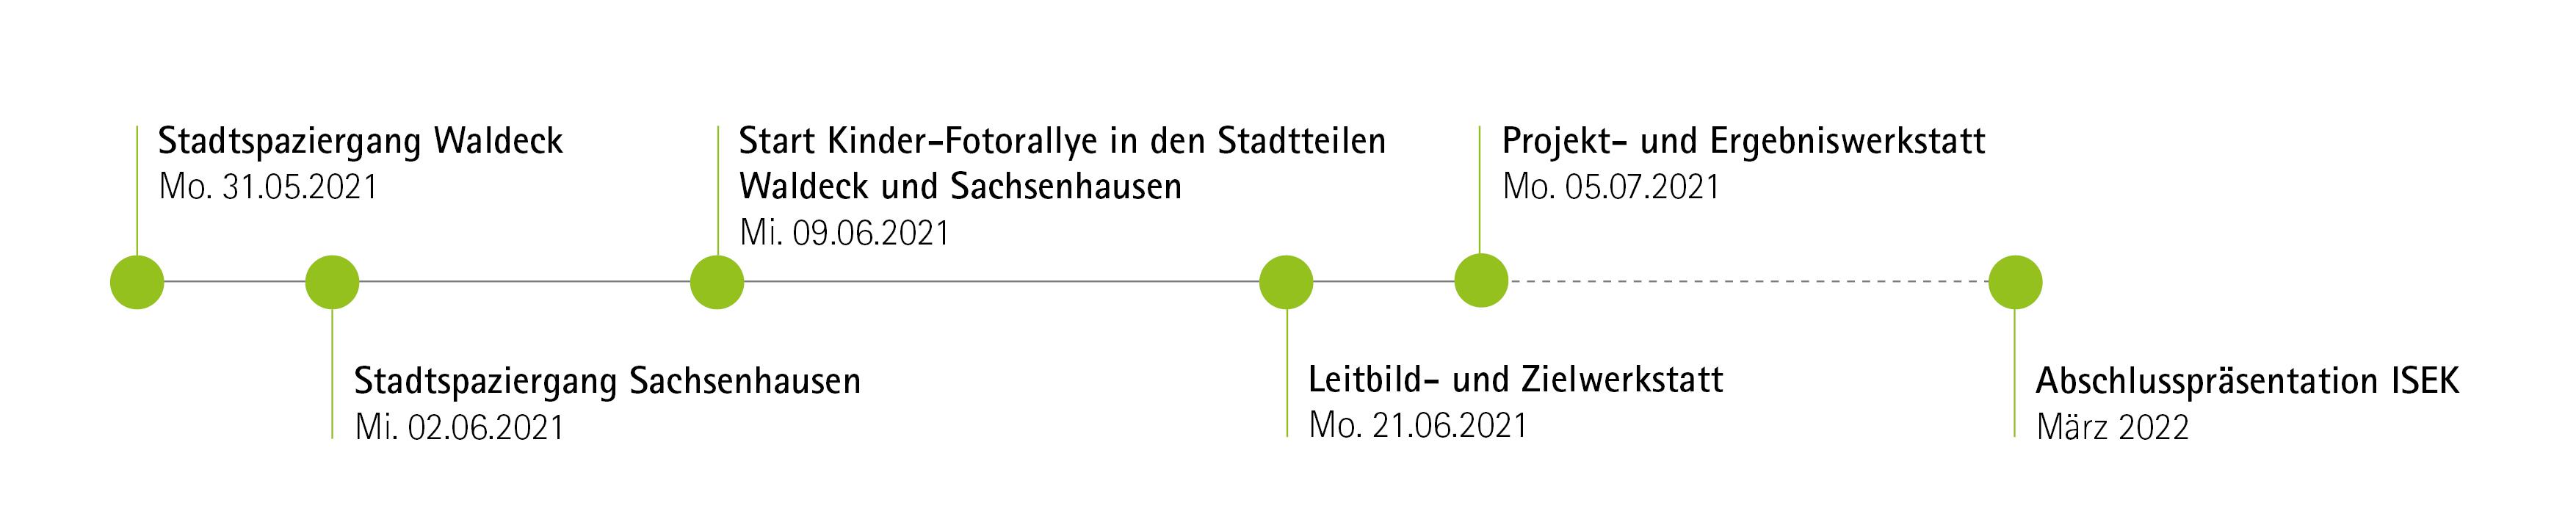 Zeitleiste mit Beteiligungsveranstaltungen, die im Rahmen der ISEK-Erarbeitung vorgesehen sind.